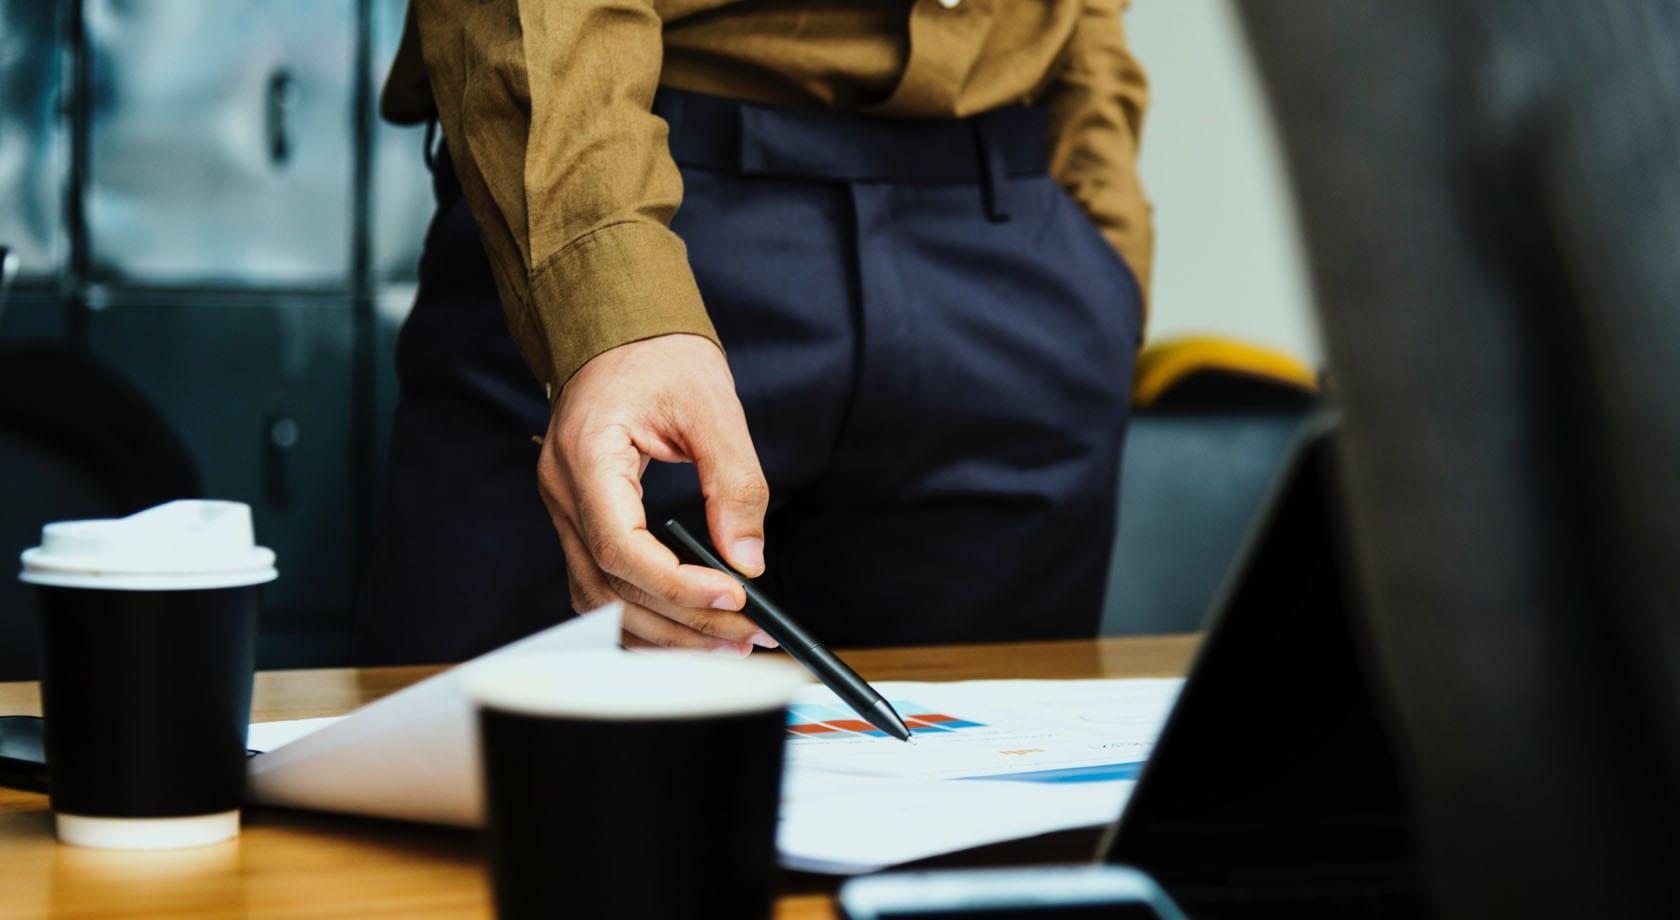 Стратегия бизнеса - как работать с Ценностями компании